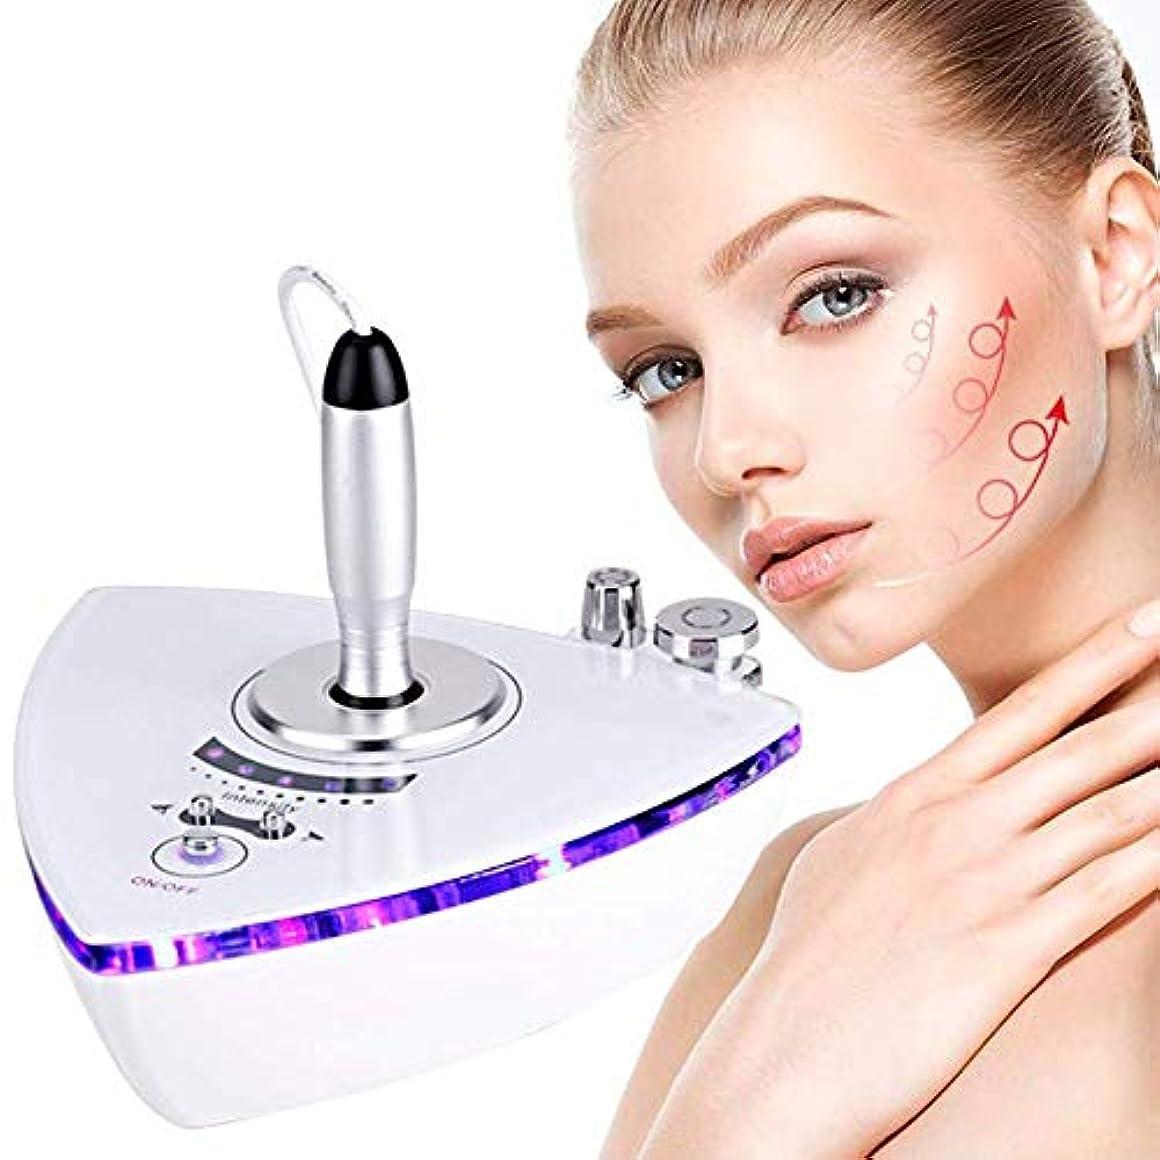 うぬぼれ二度わなポータブルRF無線周波数フェイシャル?マシン、ホーム用肌の若返りしわ除去の肌のための二つのプローブとしわフェイスピーリングマシンを持ち上げるためのアンチエイジングスキンケア美容機器を引き締め